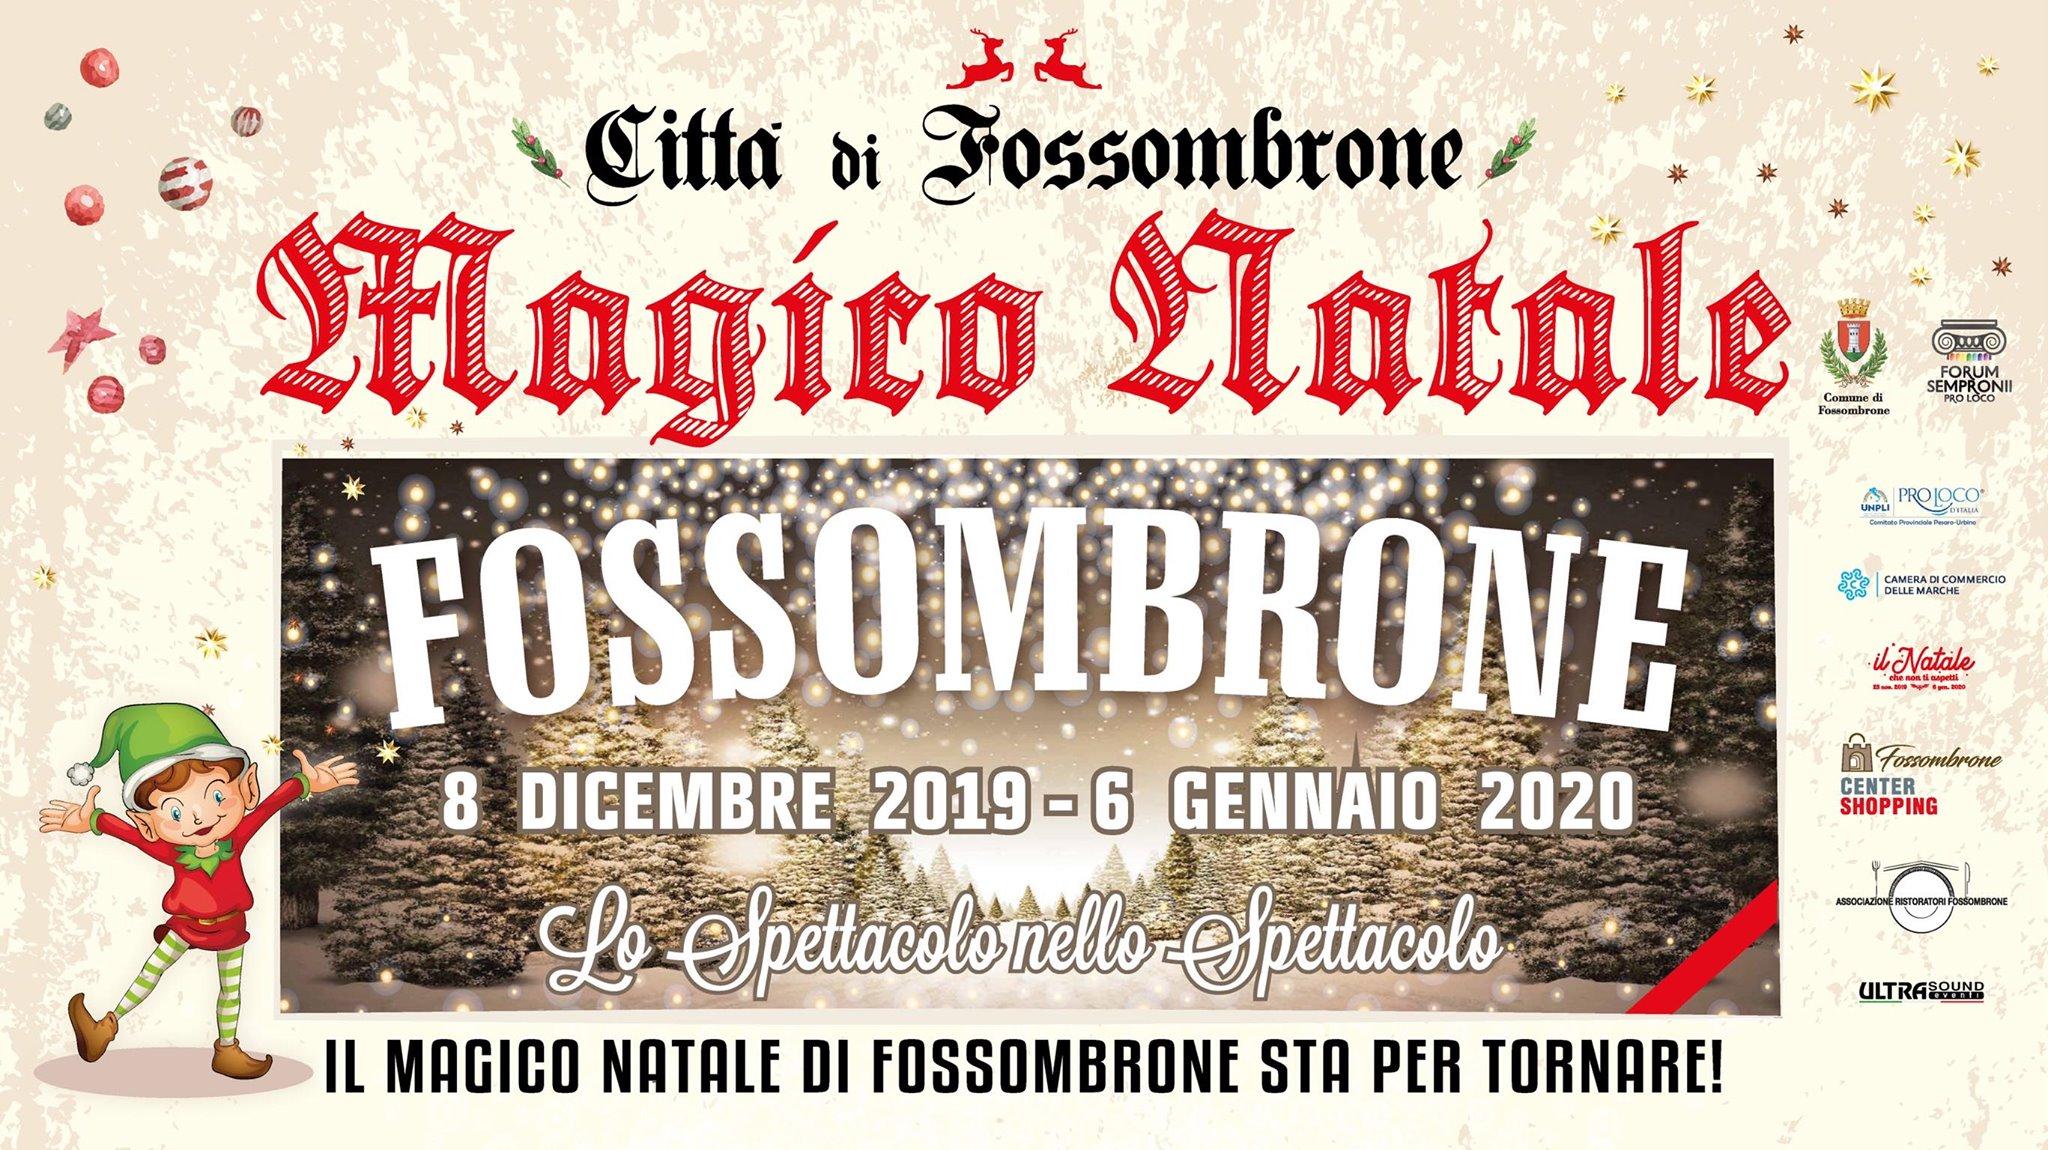 FOSSOMBRONE: Il Magico Natale